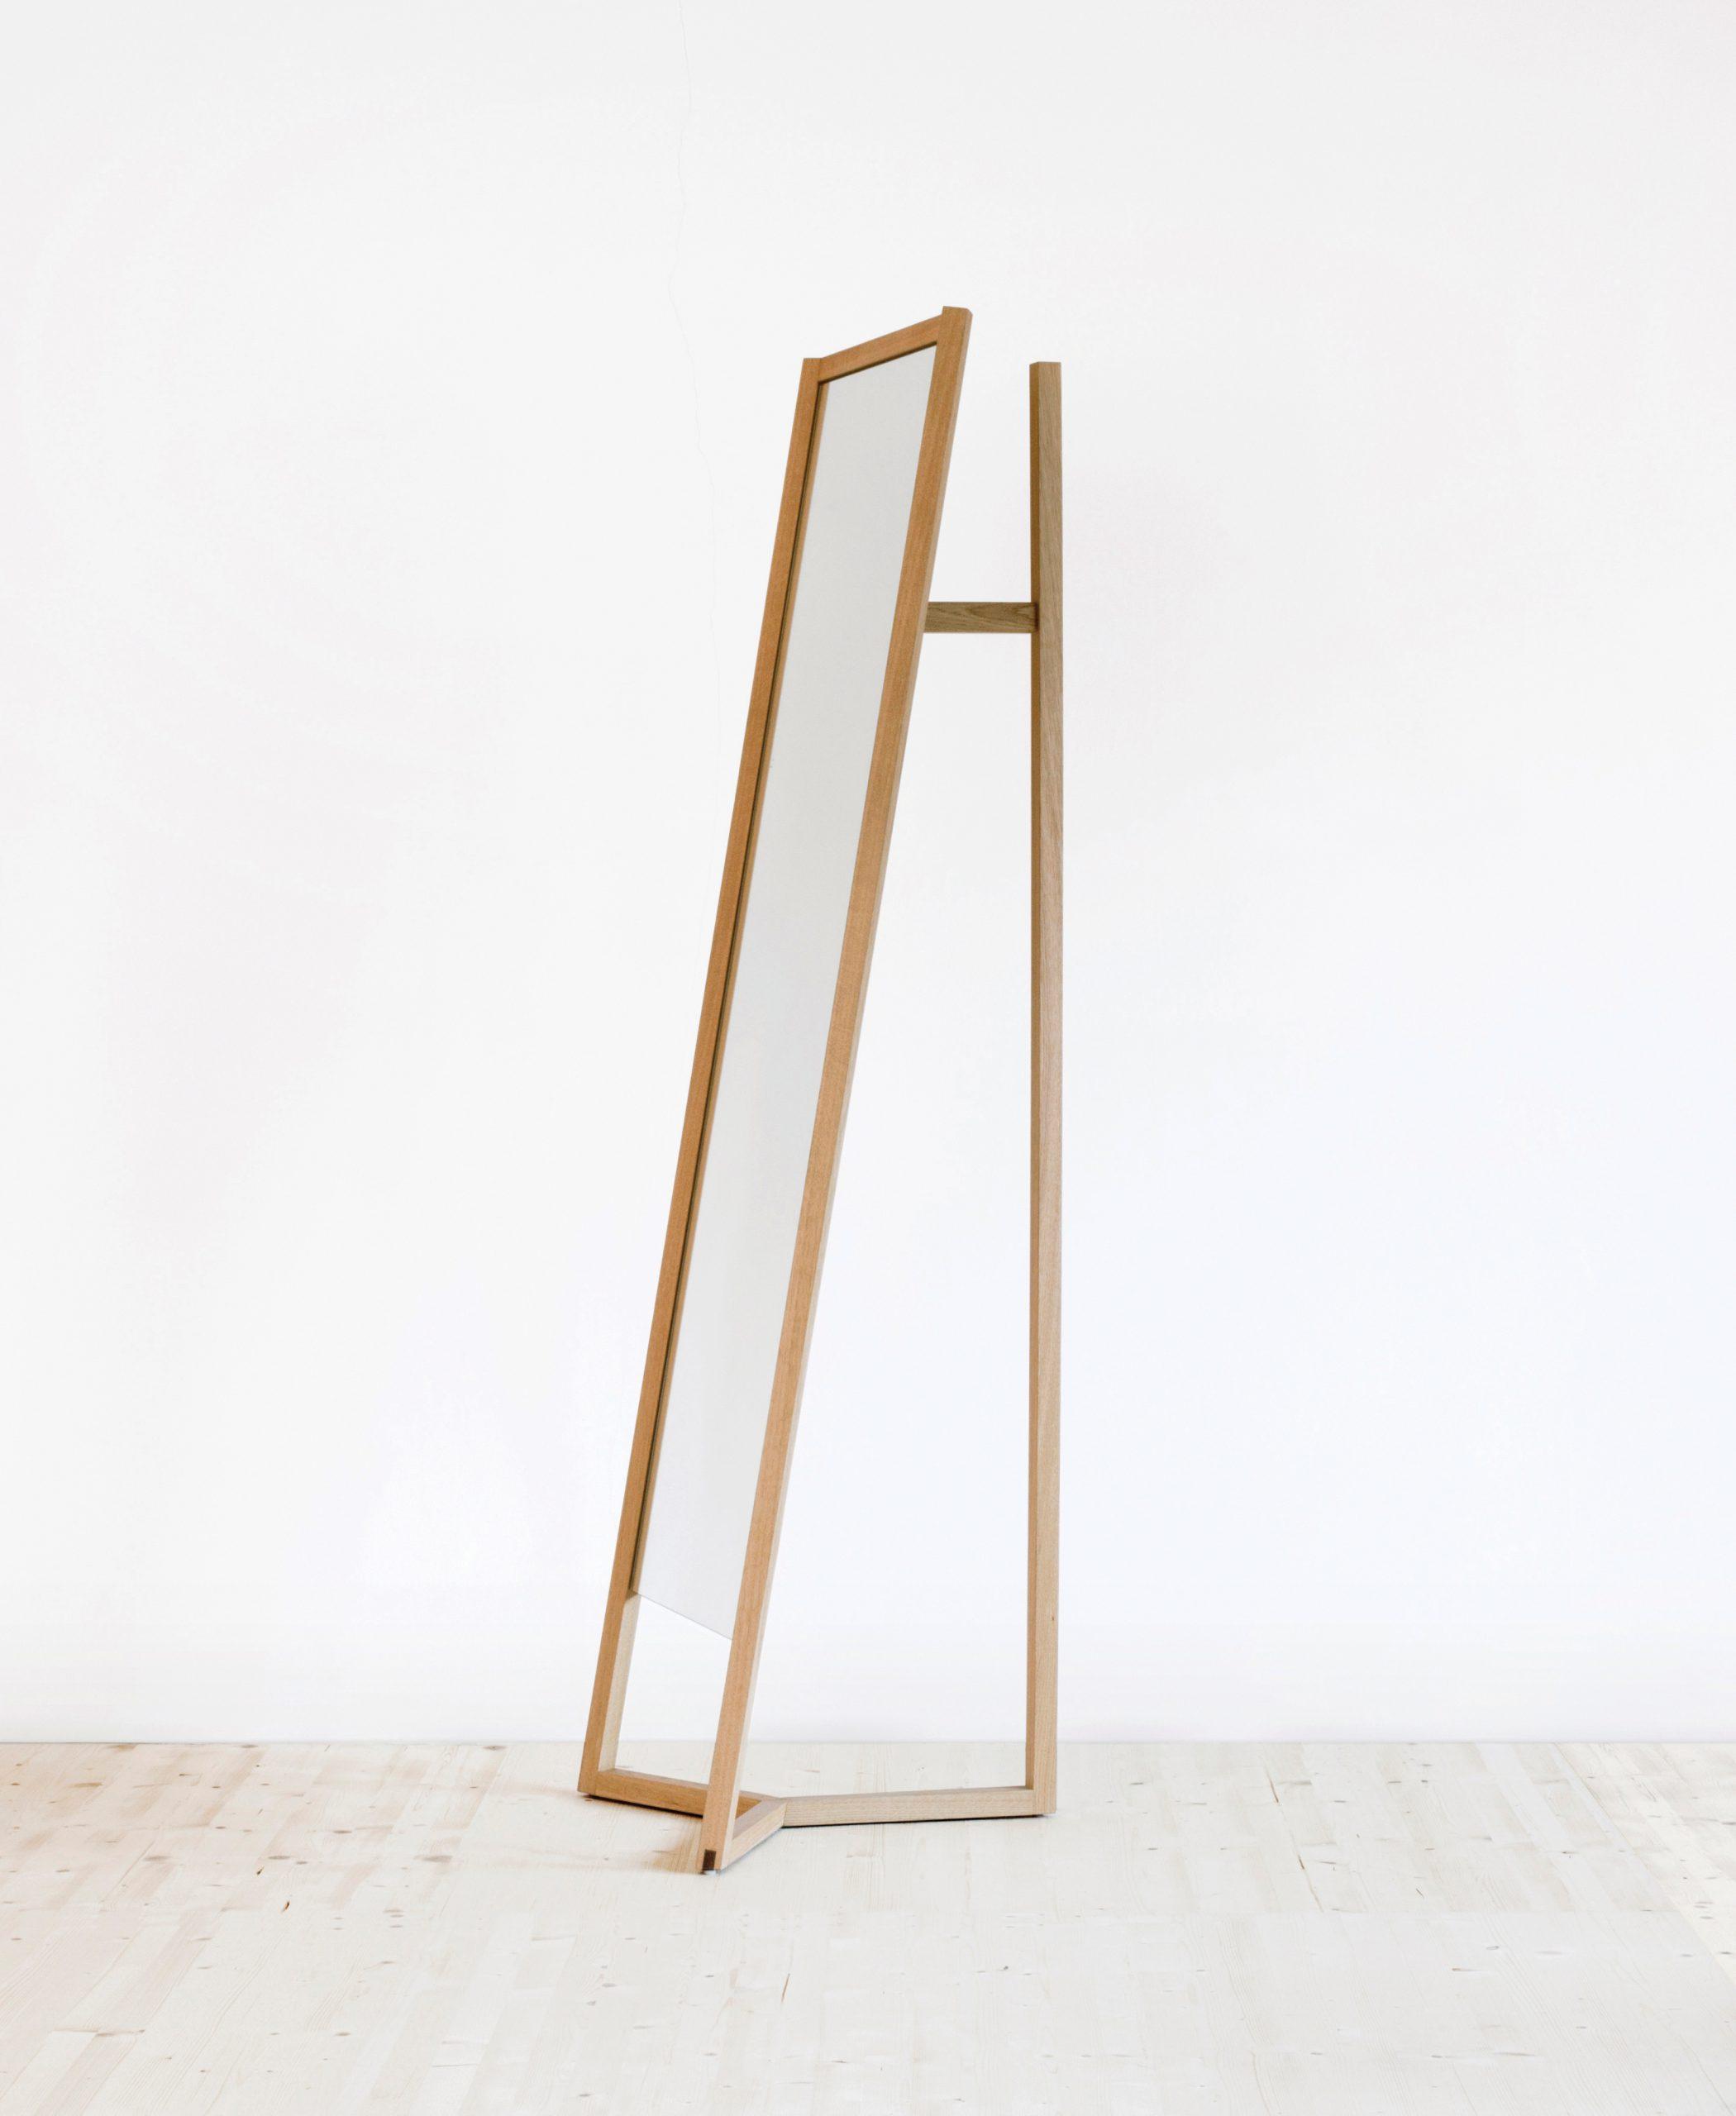 Club mirror by Debiasi Sandri for Schoenbuch